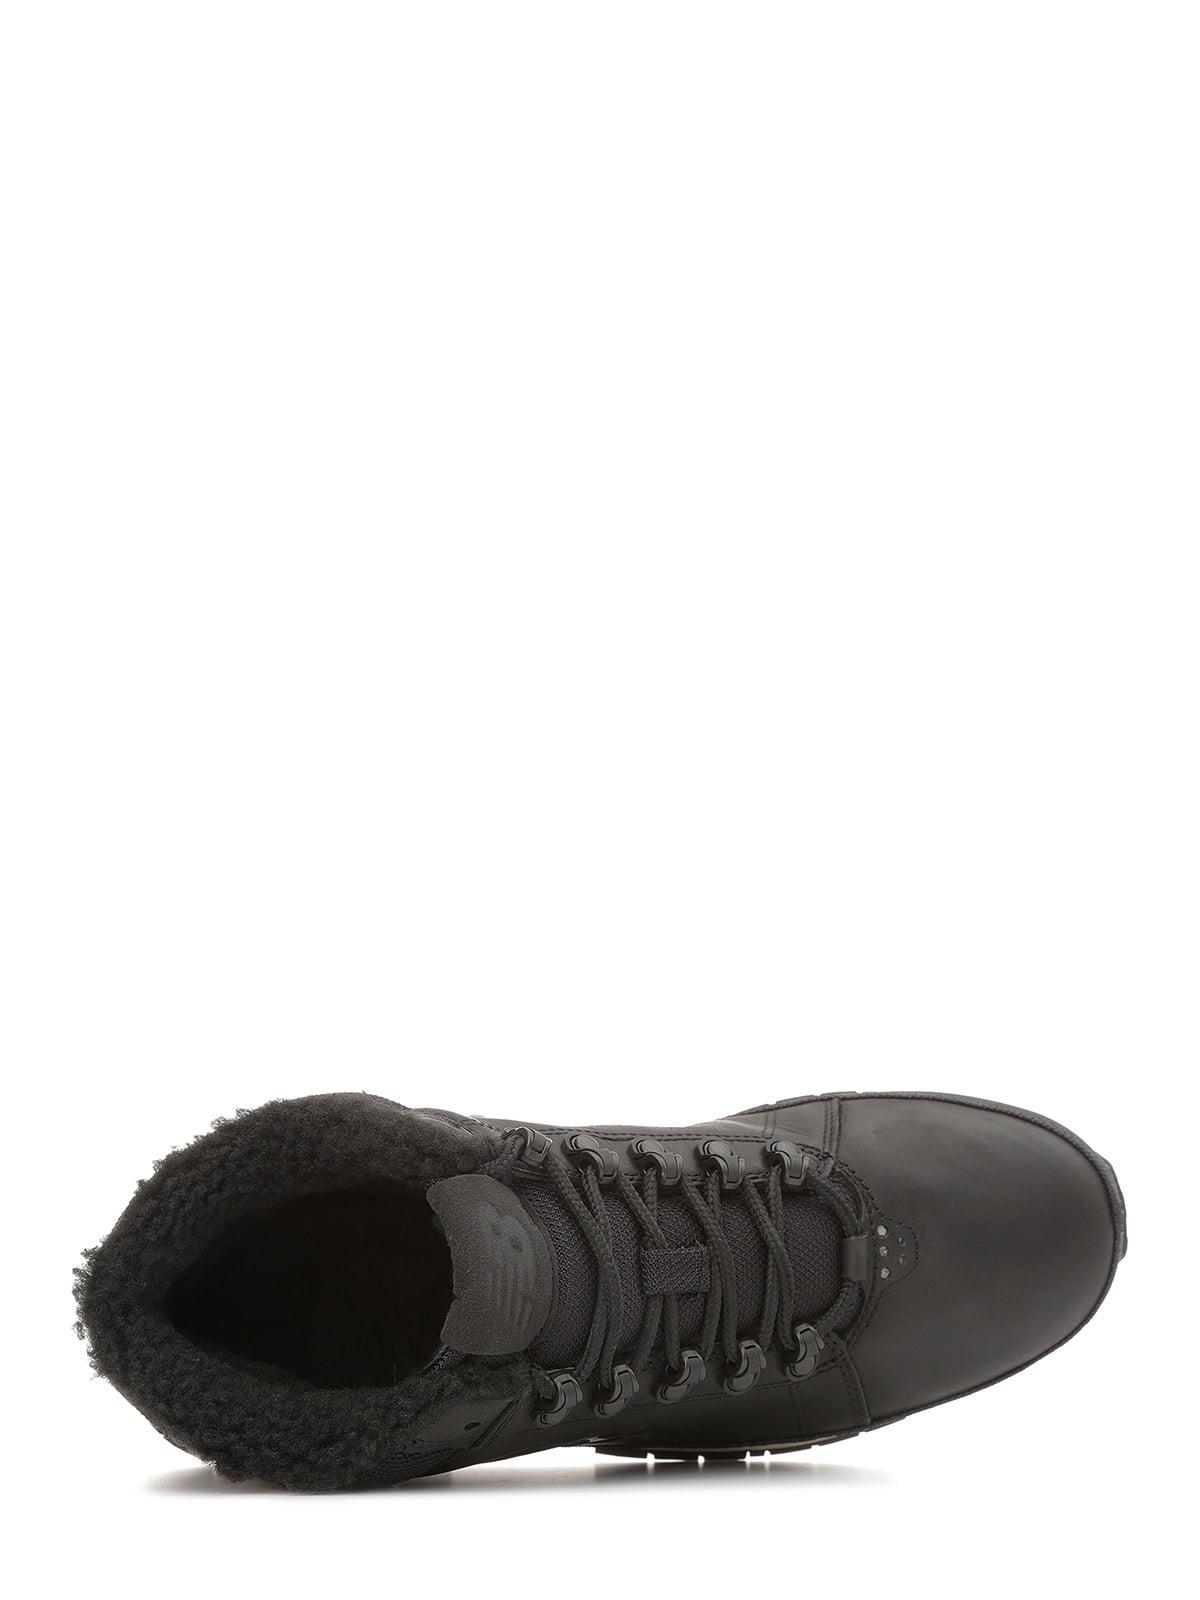 Кросівки чорні New Balance 754 Fur | 4579006 | фото 3